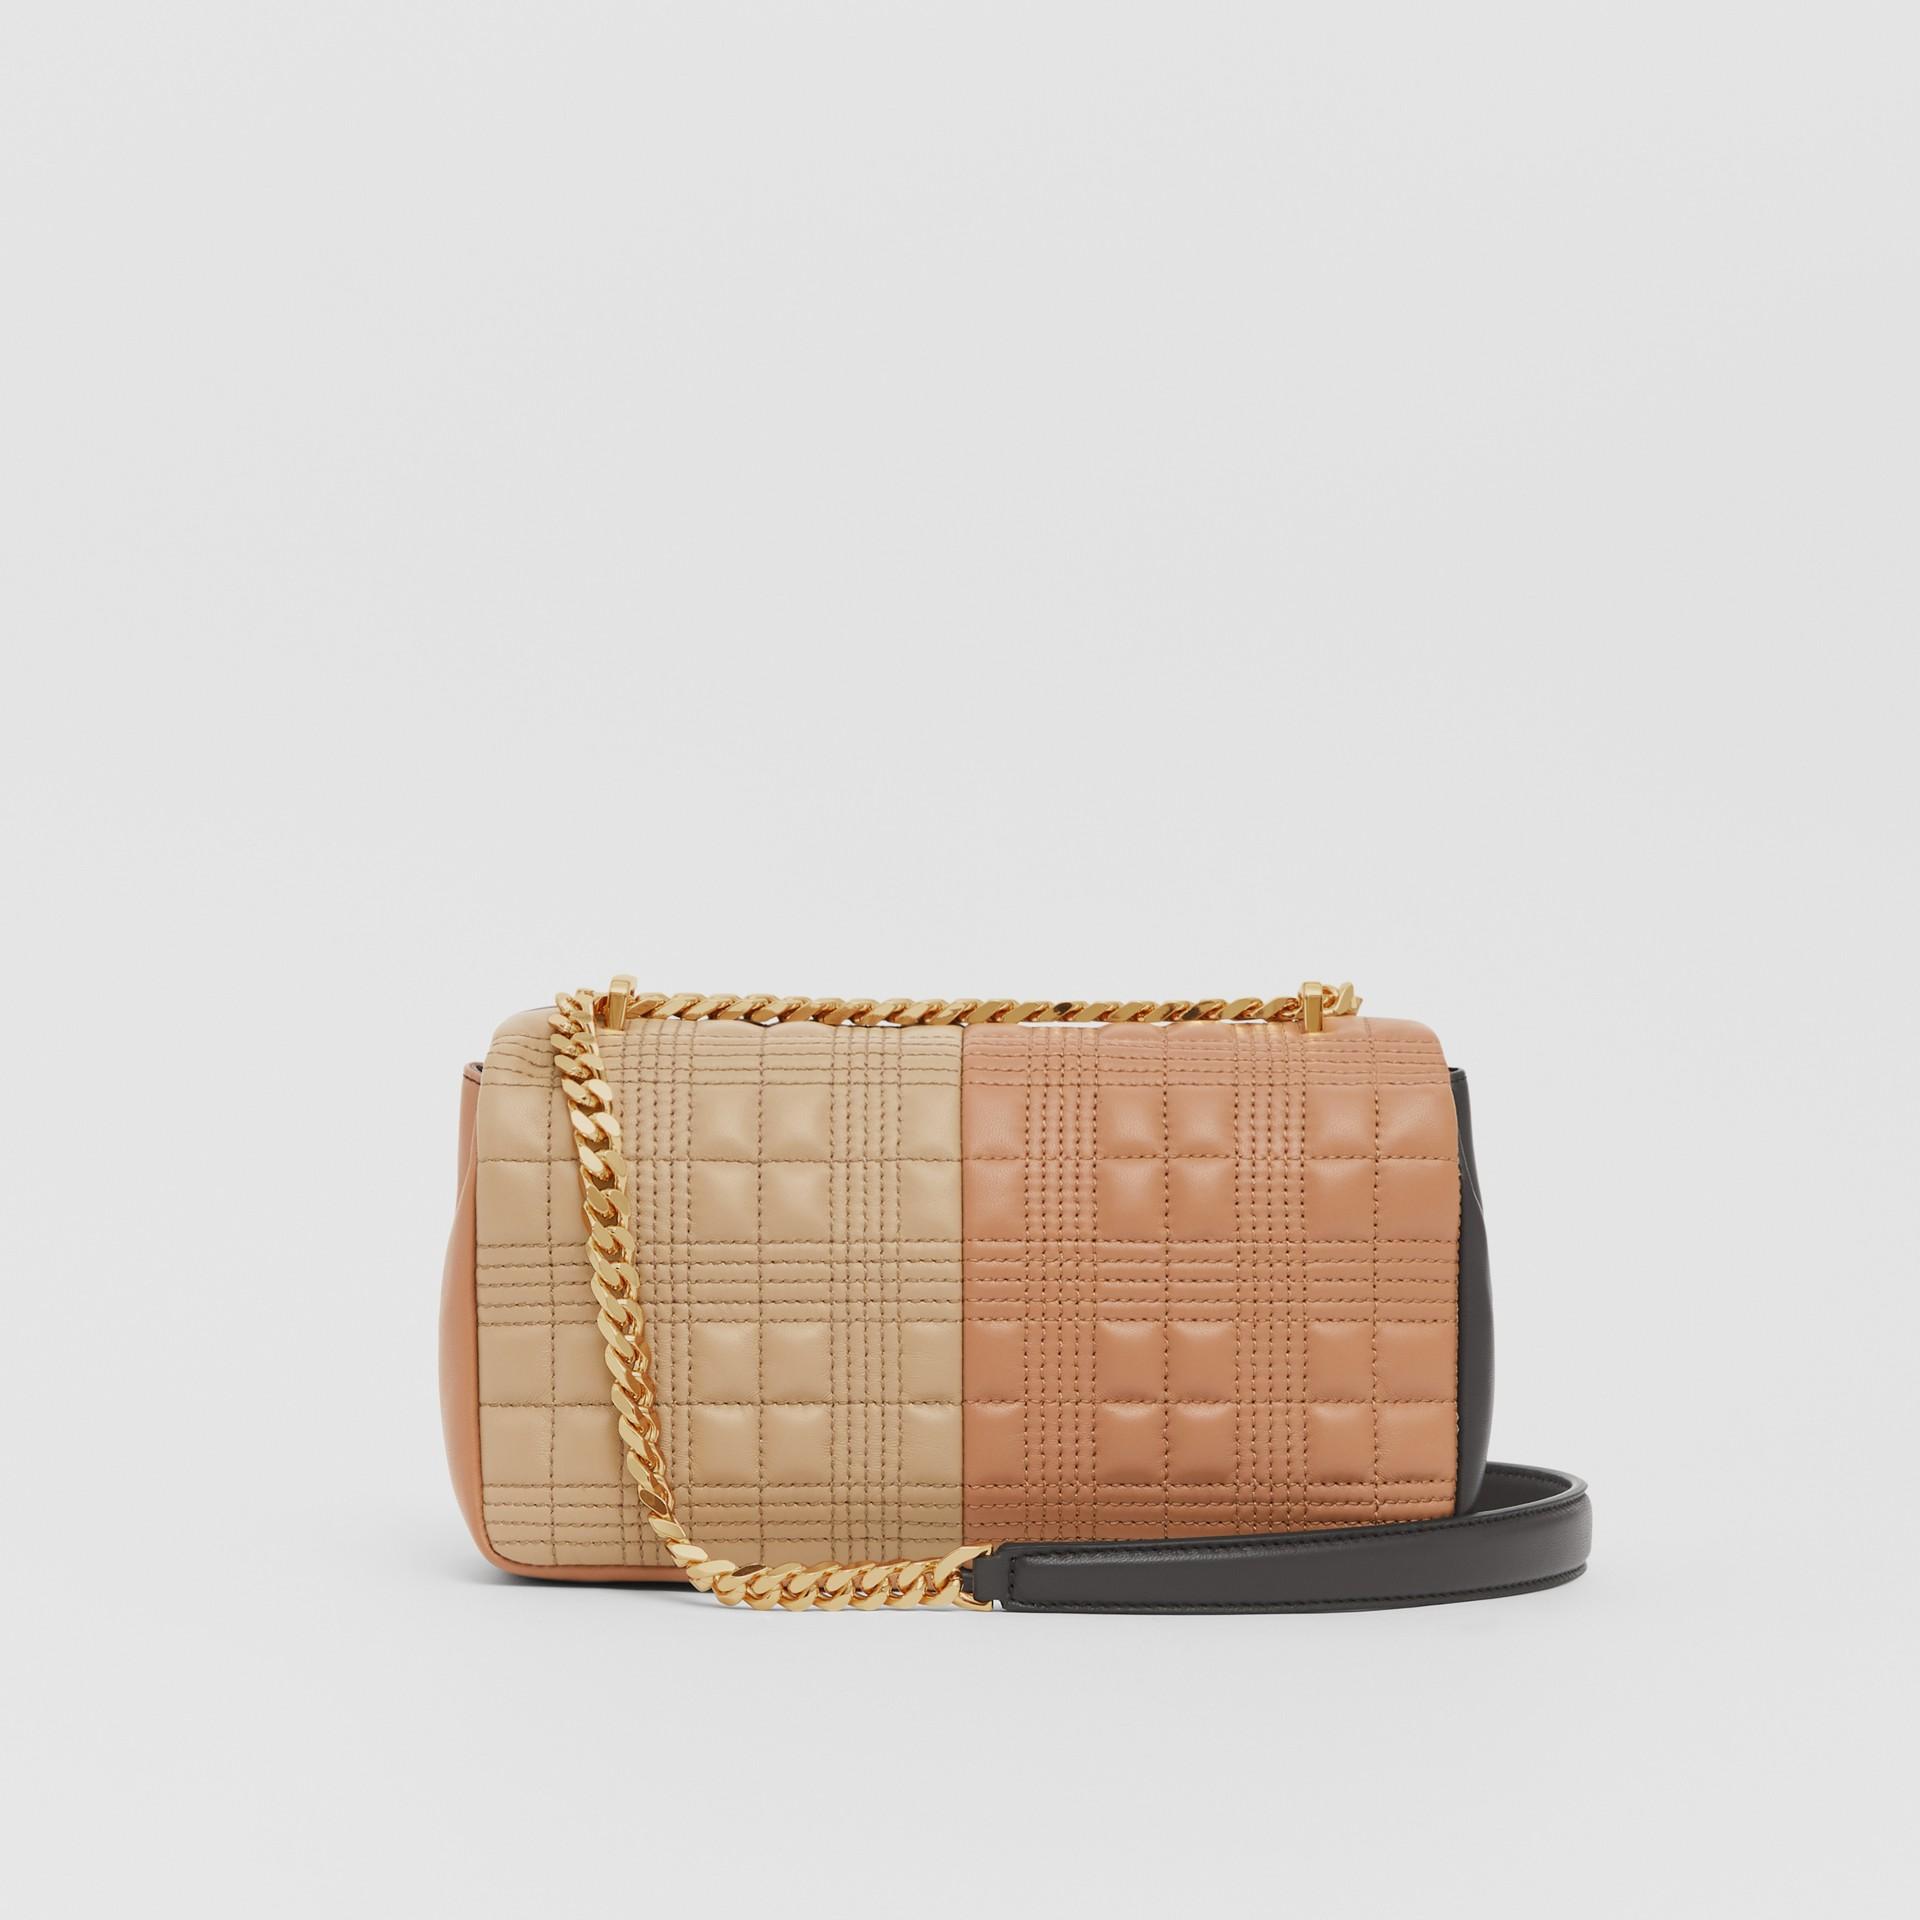 Bolsa Lola de couro de cordeiro em colour block - Pequena (Fulvo Suave/mocha Escuro) - Mulheres | Burberry - galeria de imagens 7